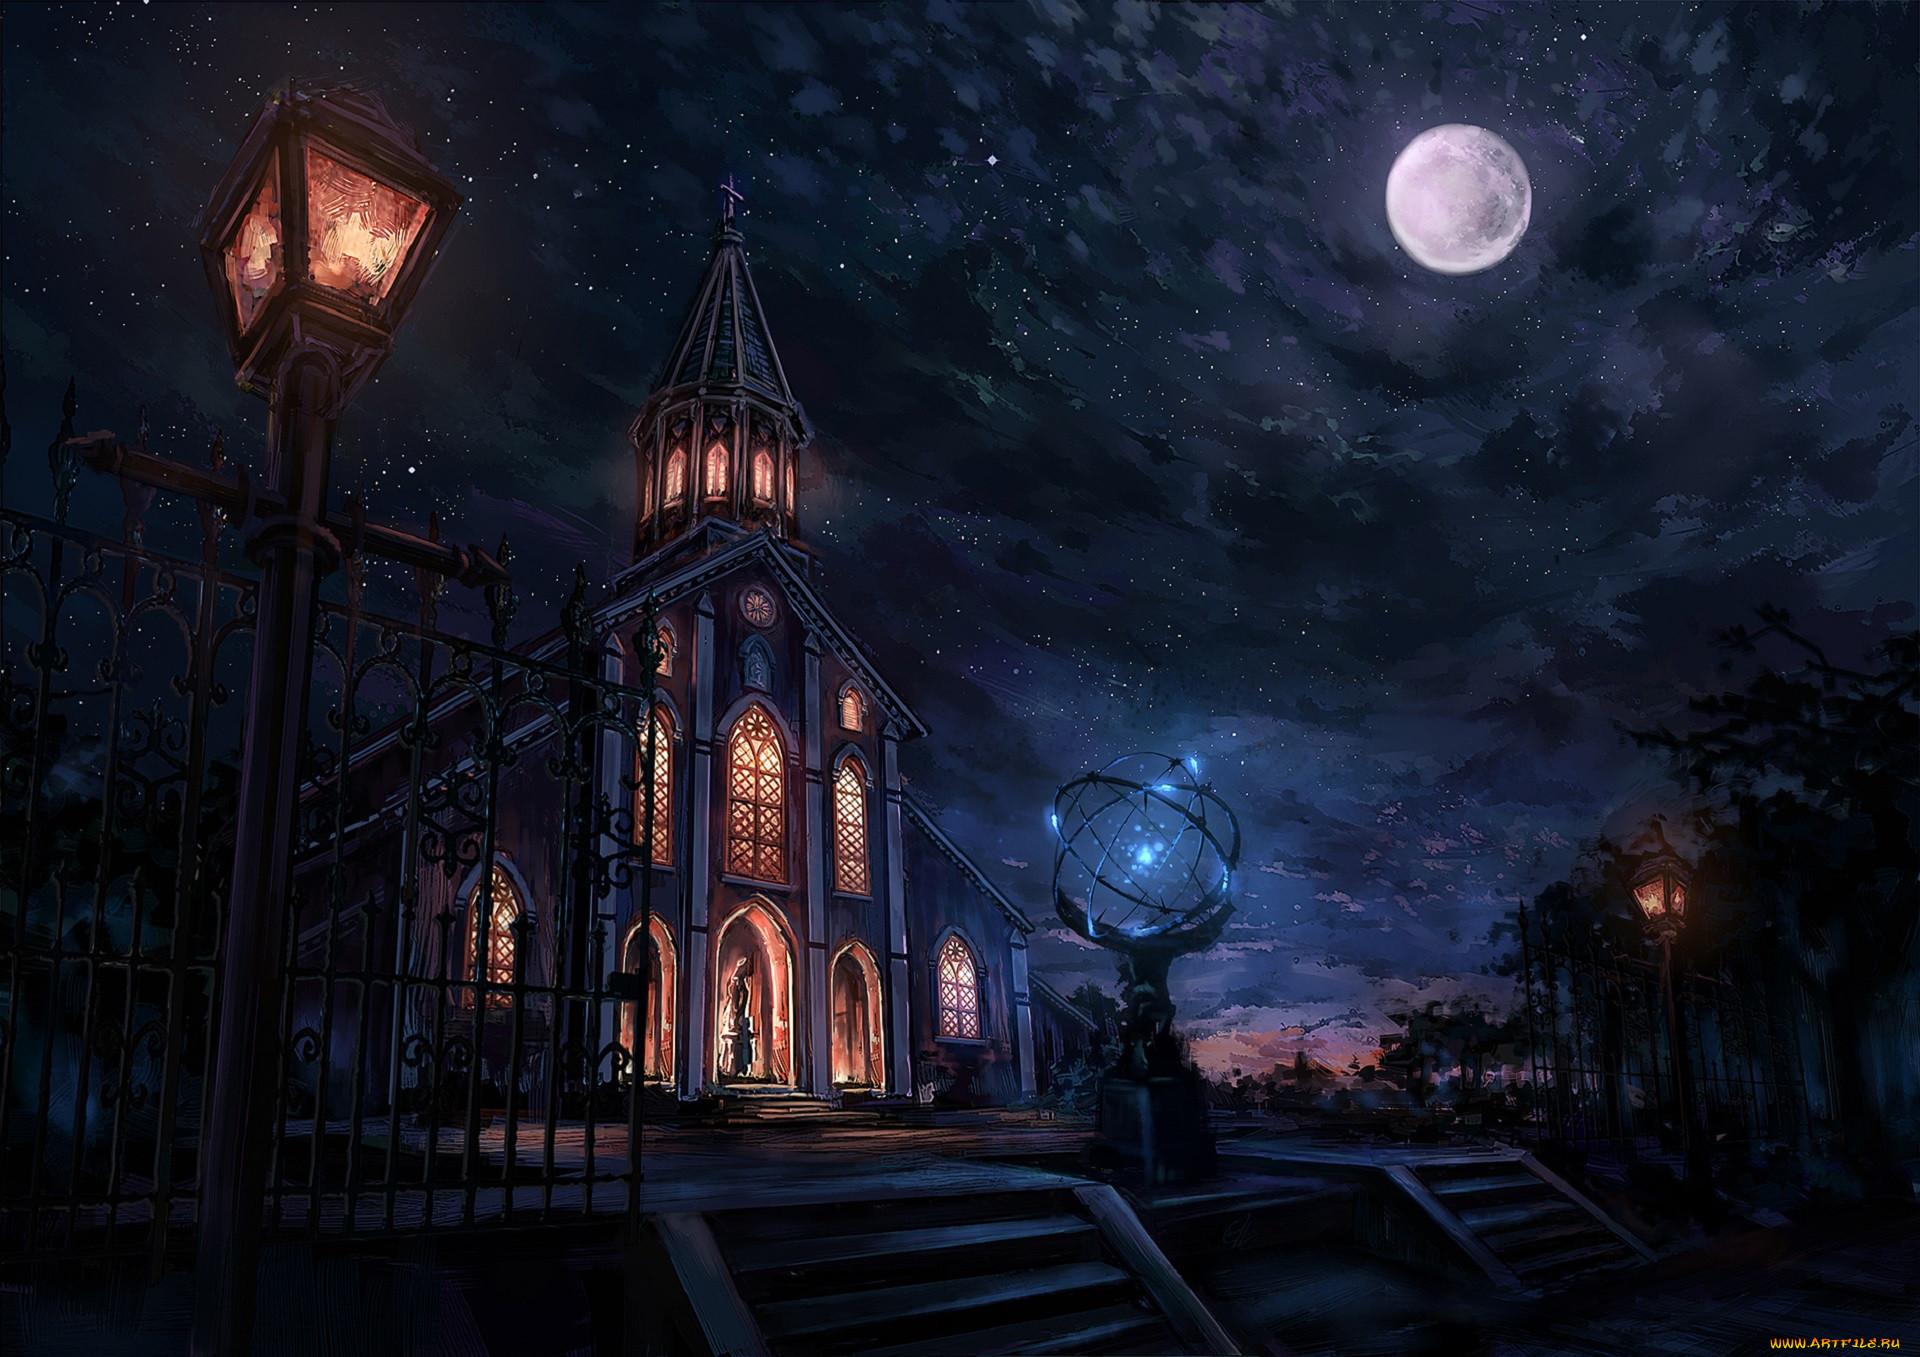 Церковь аниме картинки